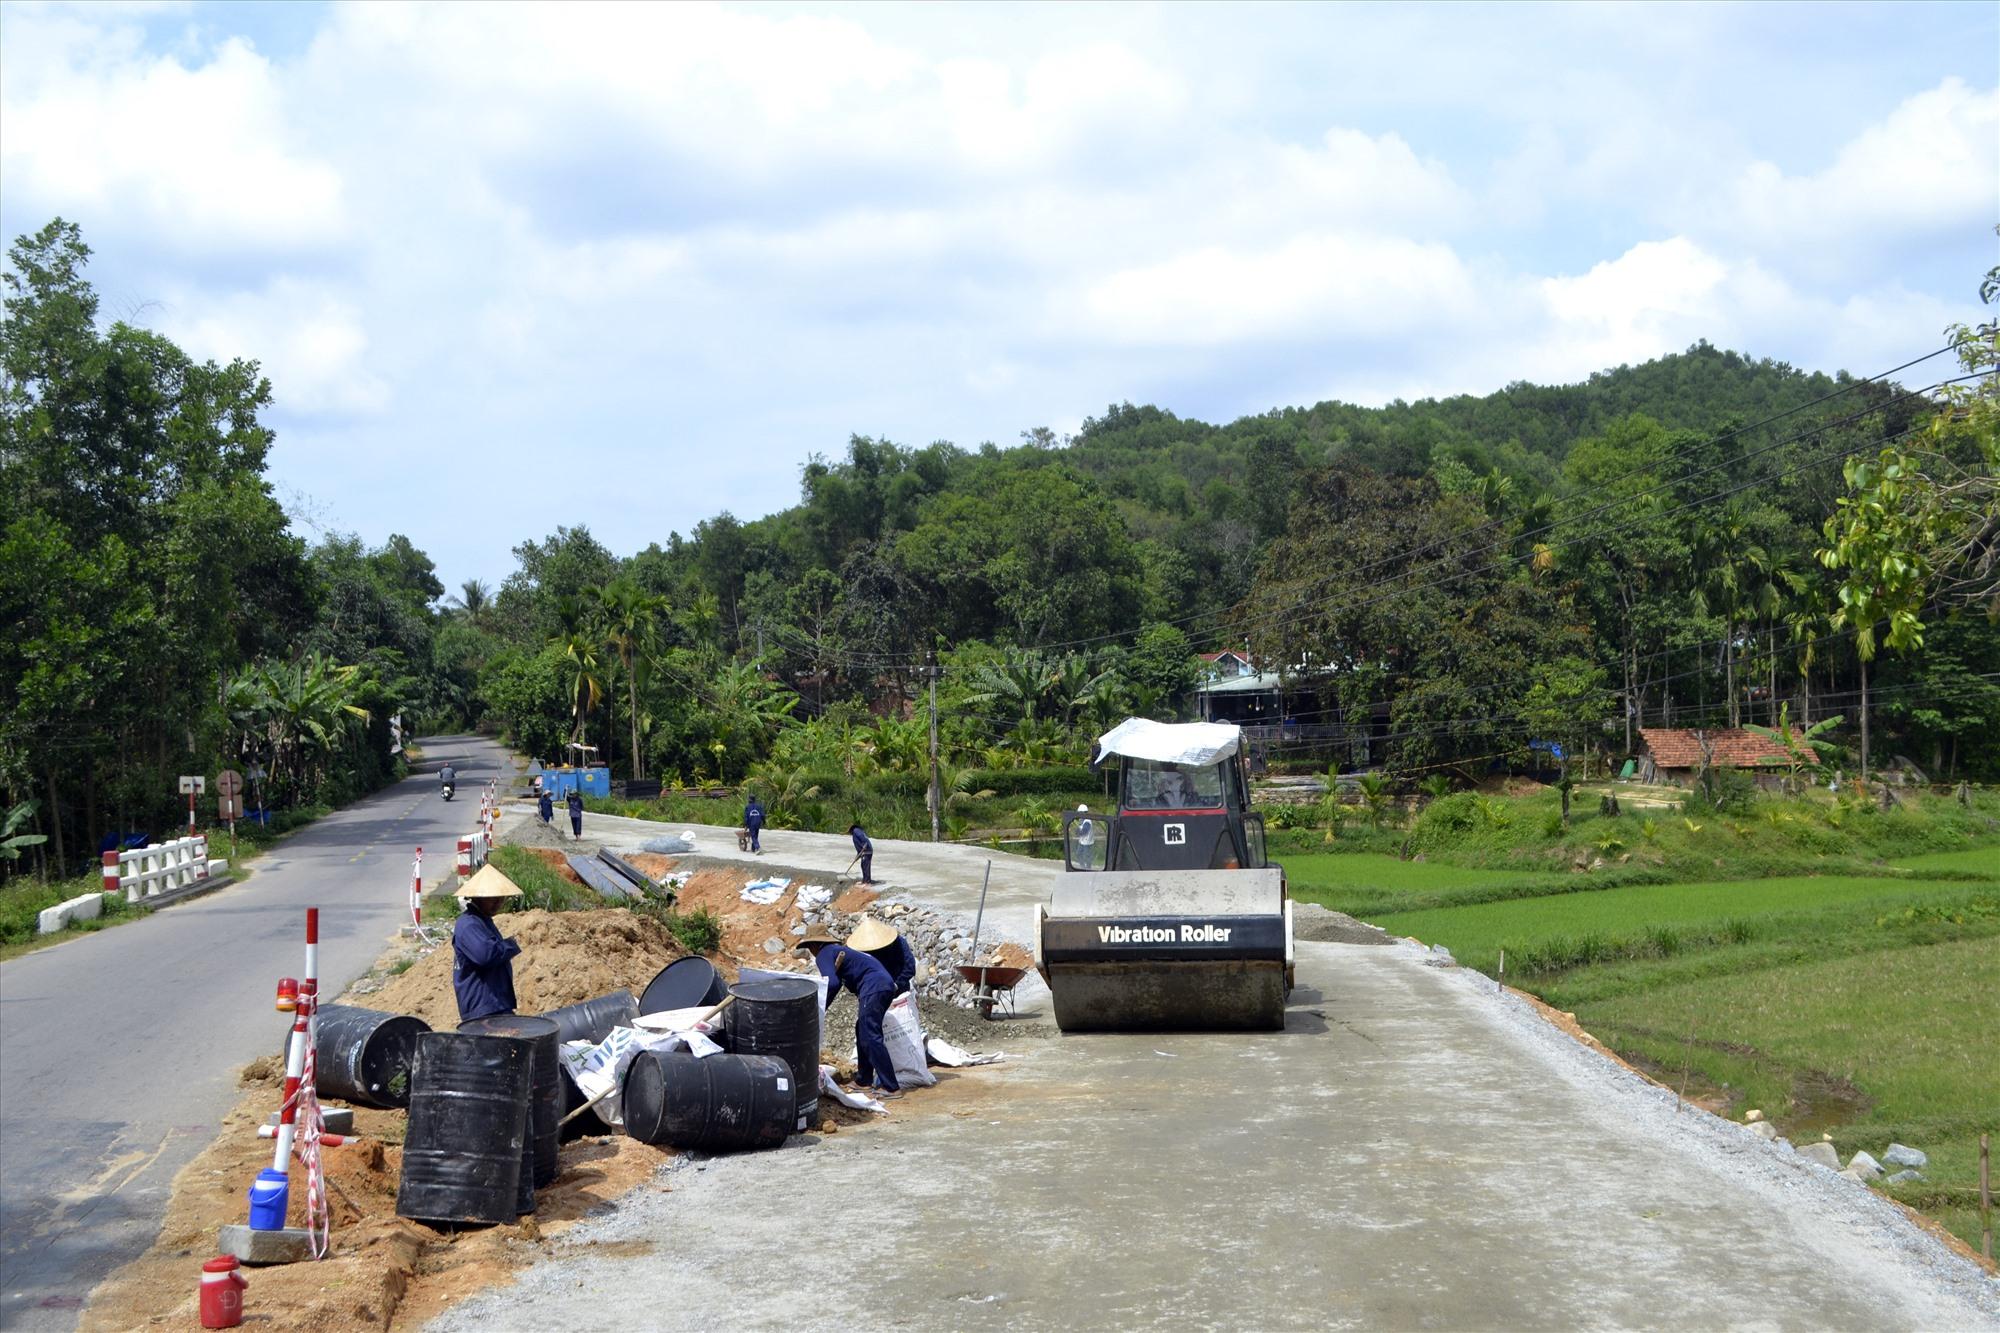 Làm đường dẫn lưu thông tạm thời trong thời gian thi công cầu mới và Đập Màng. Ảnh: C.T